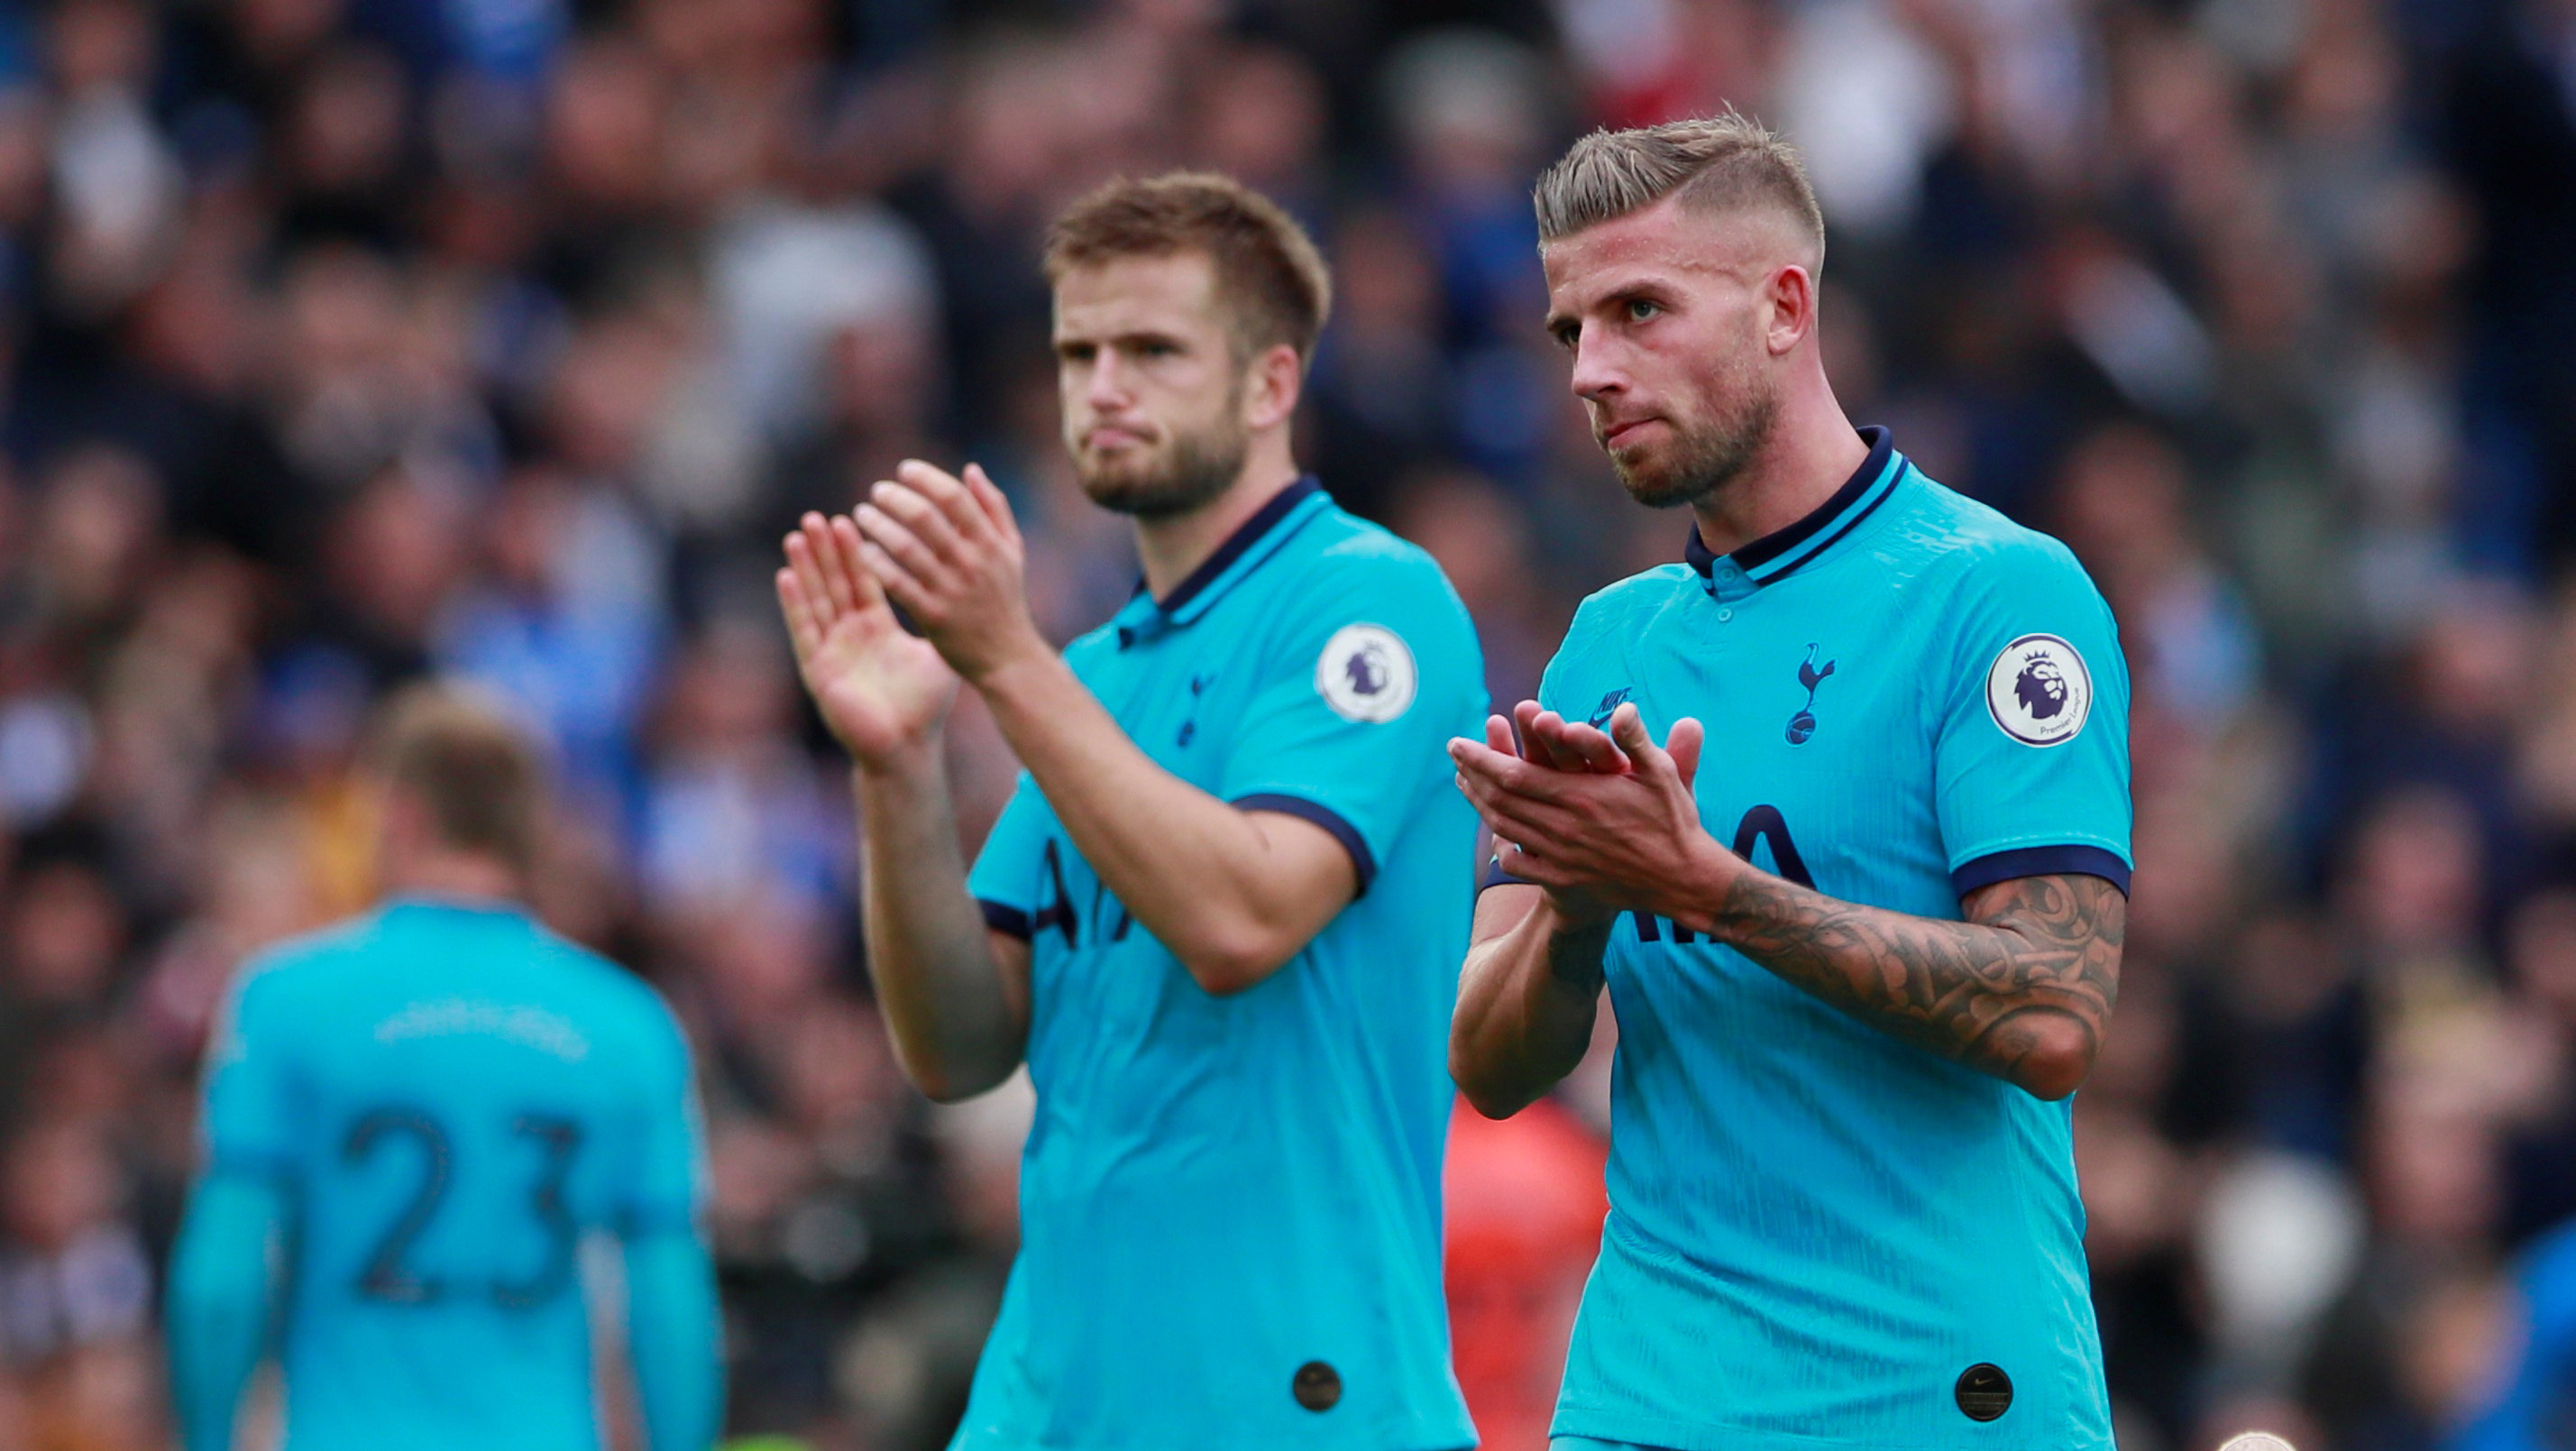 英超-利物浦2-1莱斯特取跨赛季17连胜 米尔纳补时点杀_全景英超